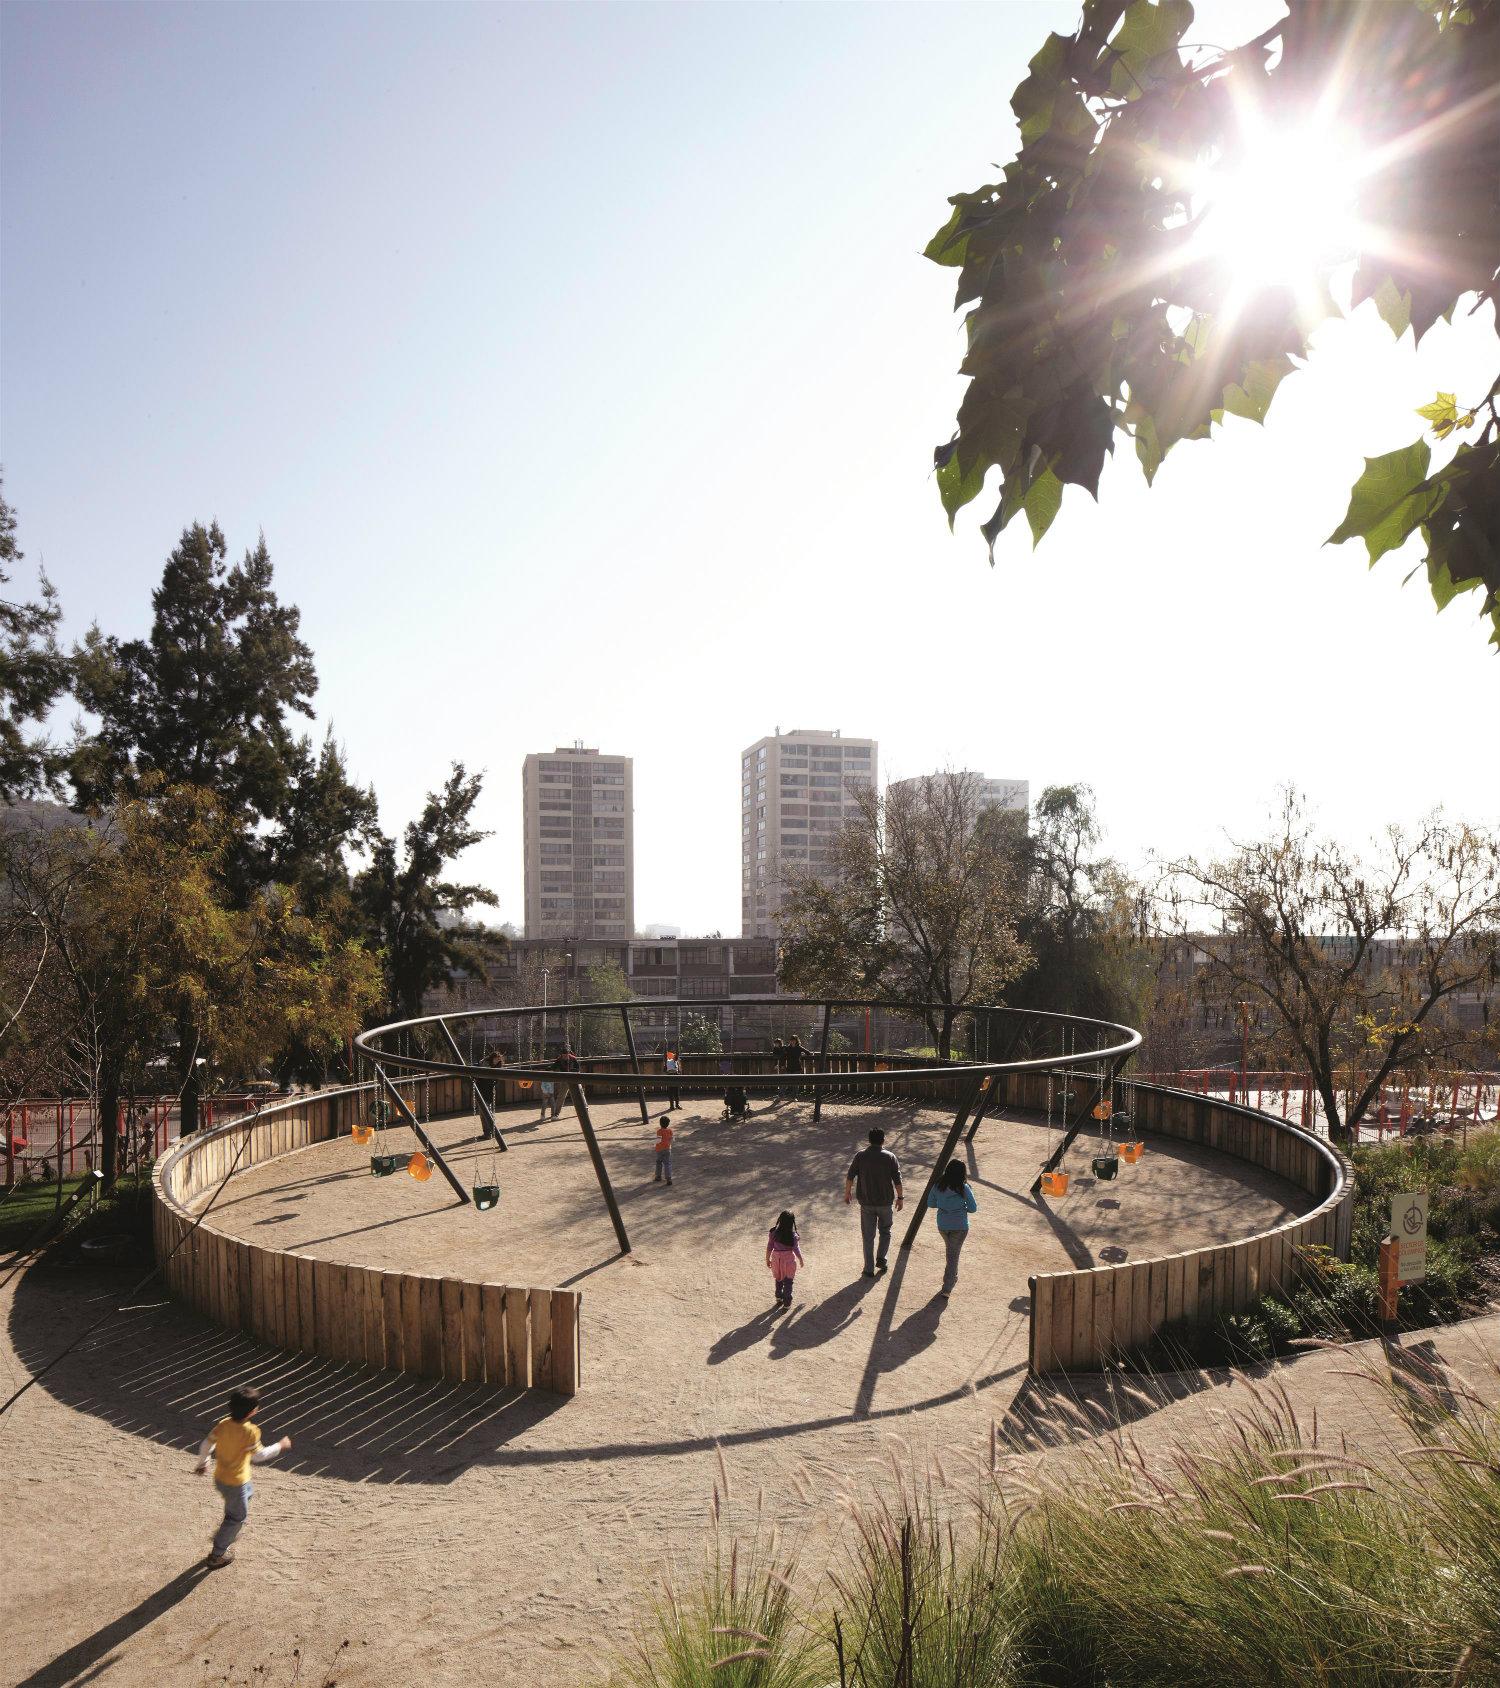 Parque Infantil Bicentenario (2012), Santiago, Chile. Fotorgrafía: Cristobal Palma. Cortesía: Elemental.